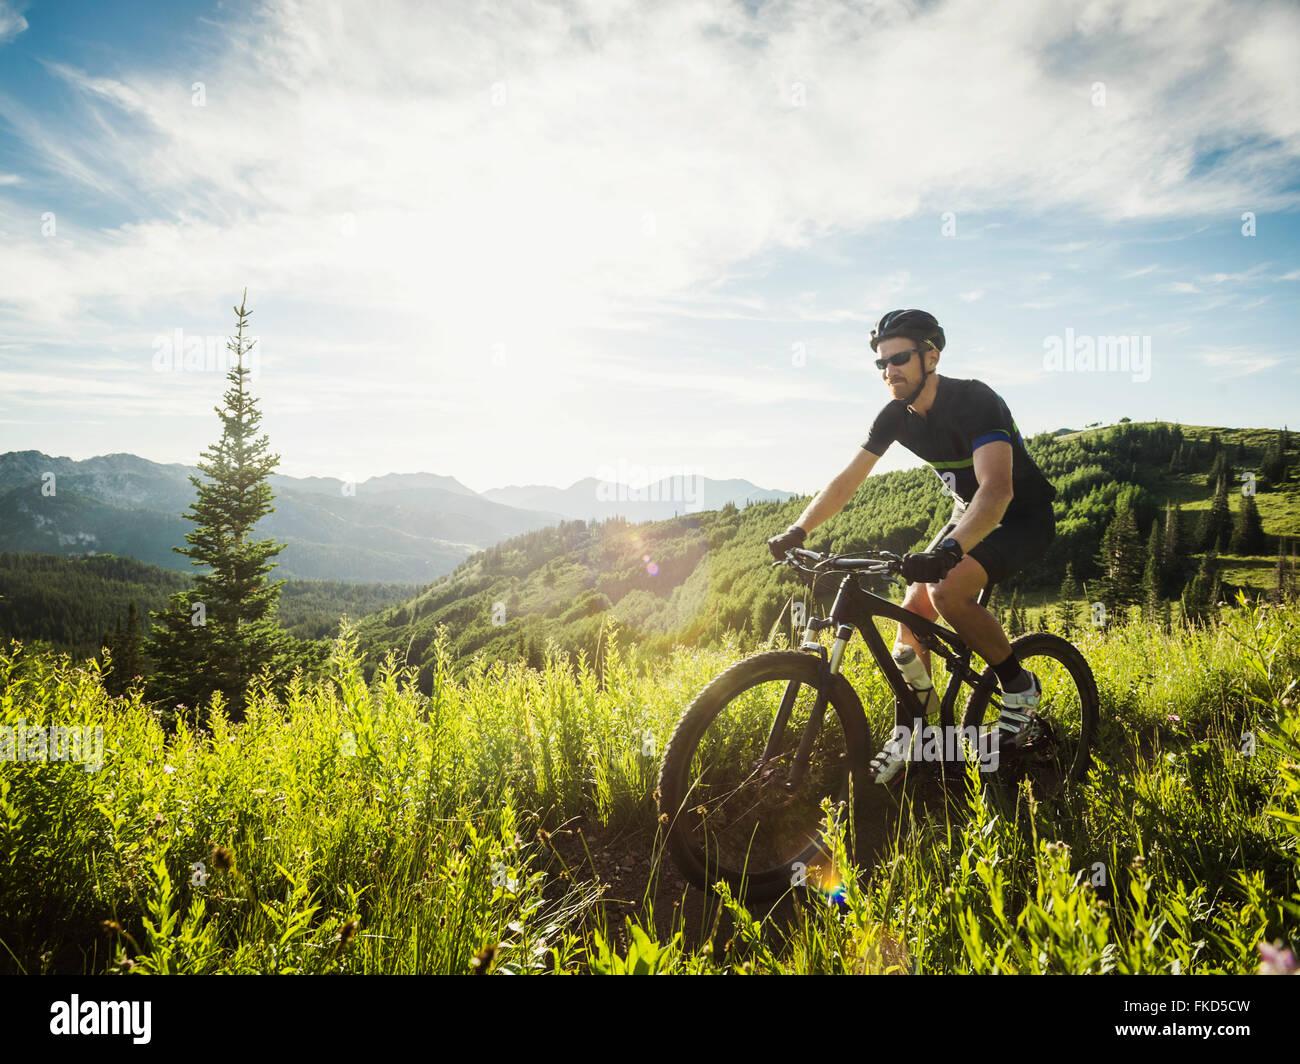 Au cours de l'homme voyage en vélo dans des paysages de montagne Photo Stock